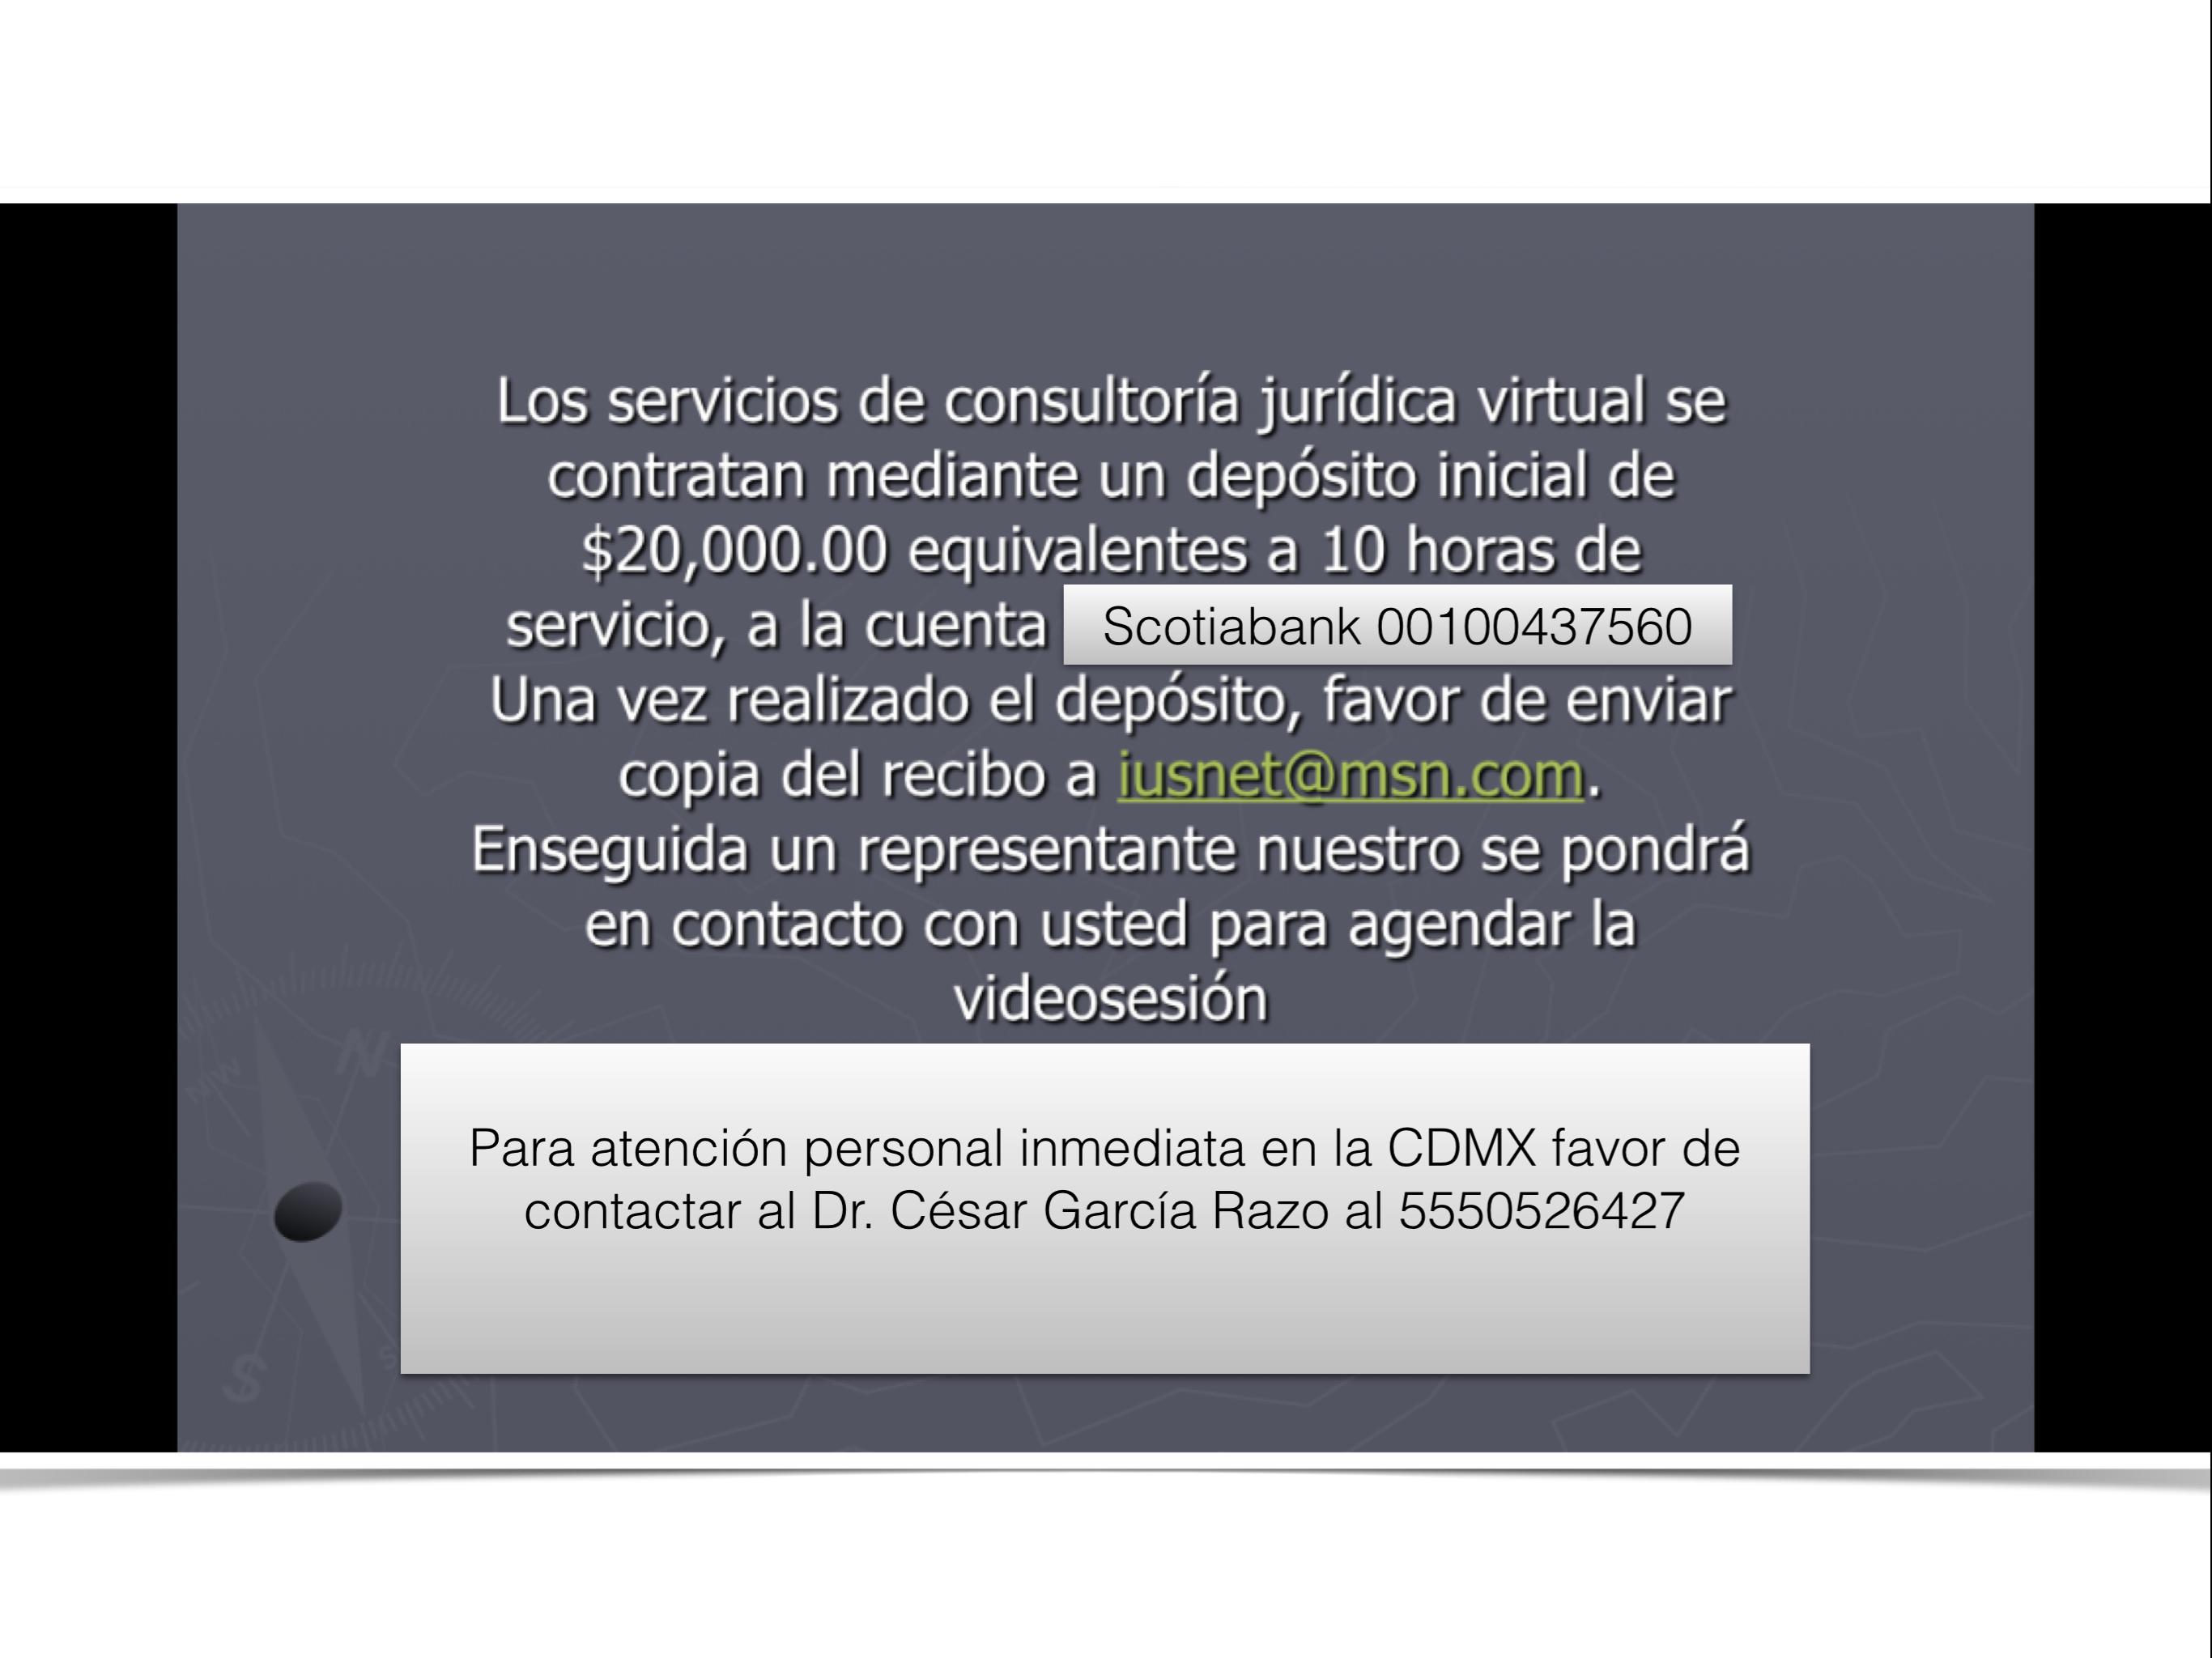 F02CA636-19DC-48C0-8249-1E30C3DE51AE